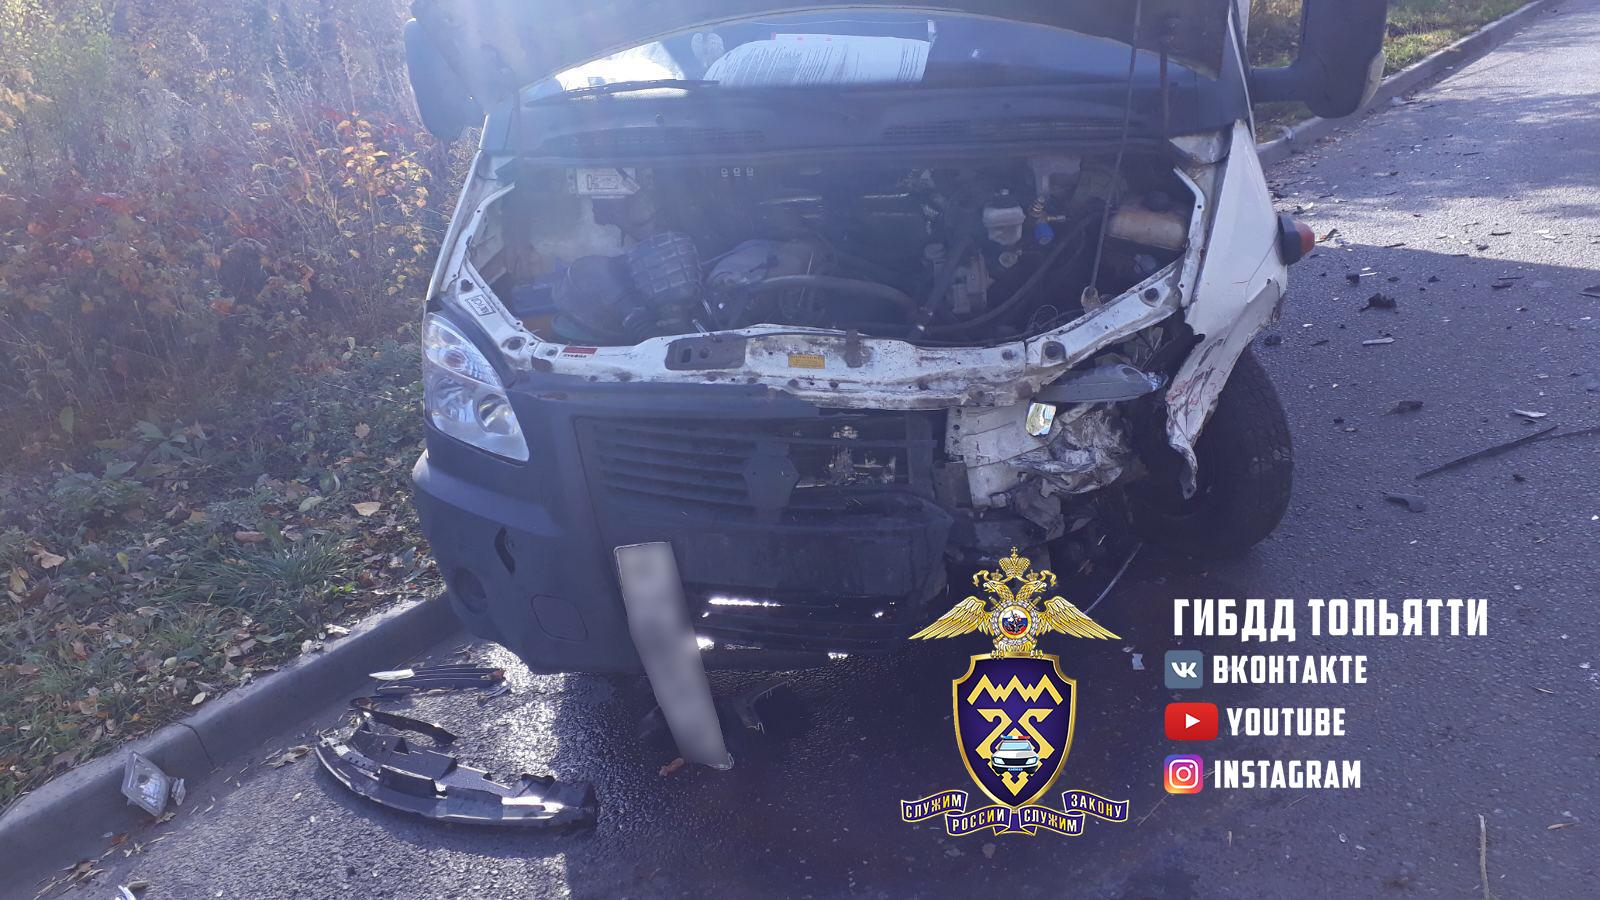 В Тольятти водитель «Газели» устроил аварию с пострадавшими и скрылся